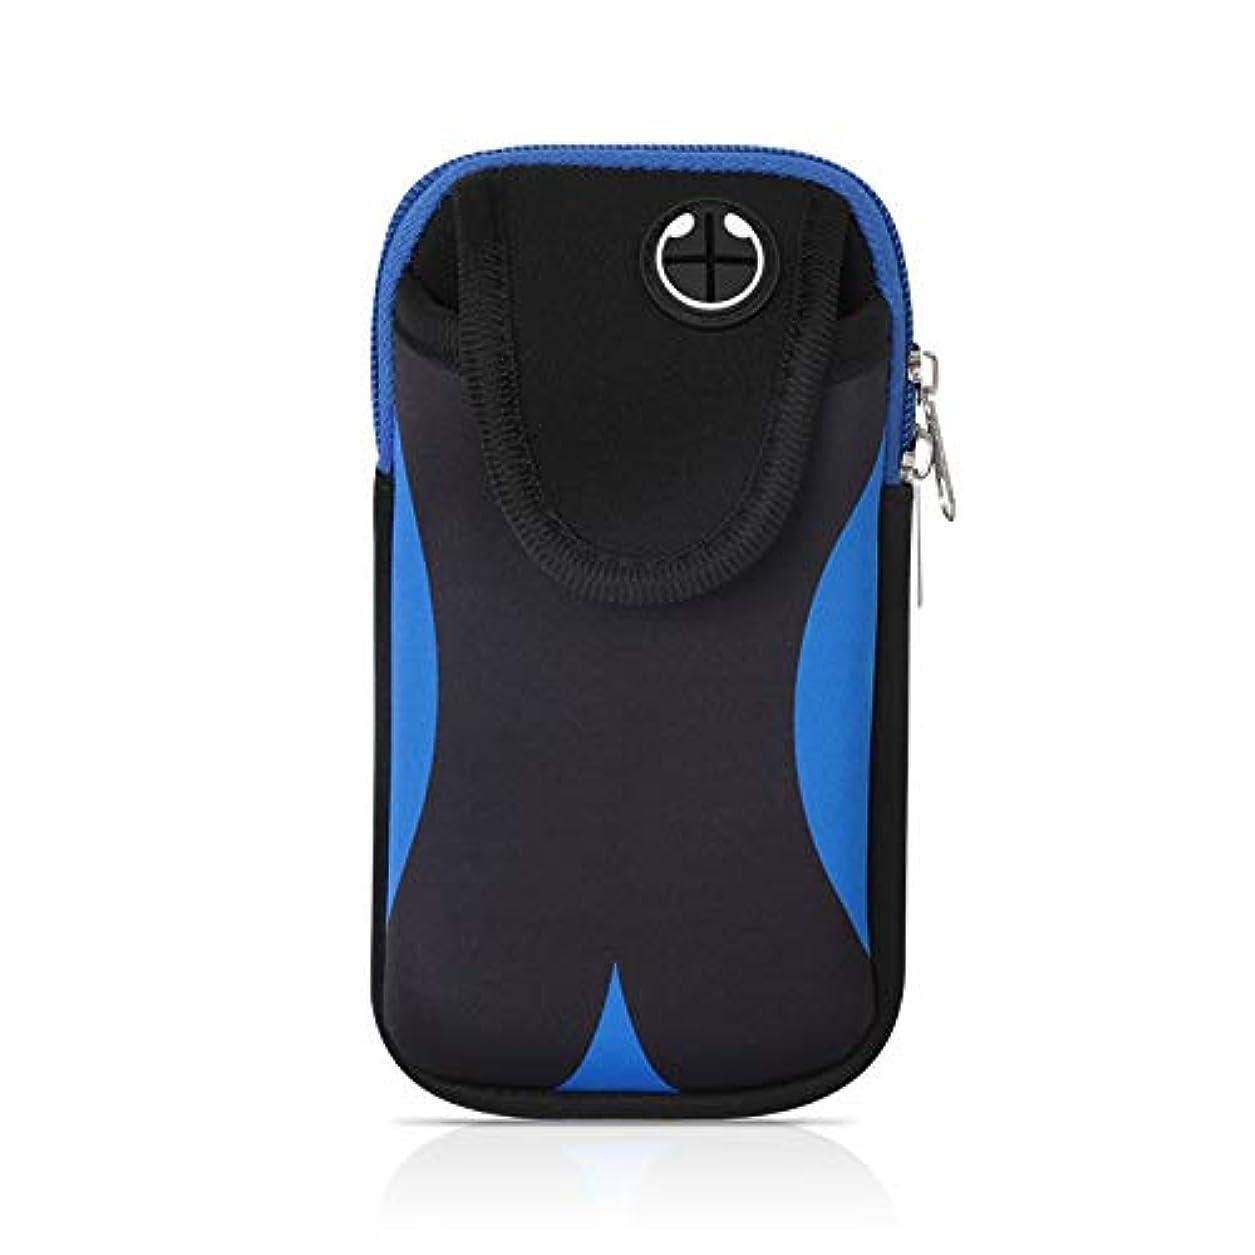 農業の熱意画像HFGZ-Huan 腕の袋のスポーツの携帯電話の腕の袋を実行している携帯電話の腕の袋の屋外の手首の袋の腕の腕の携帯電話の腕のベルトのスポーツを実行している (Color : E, Size : 4-6 inch)